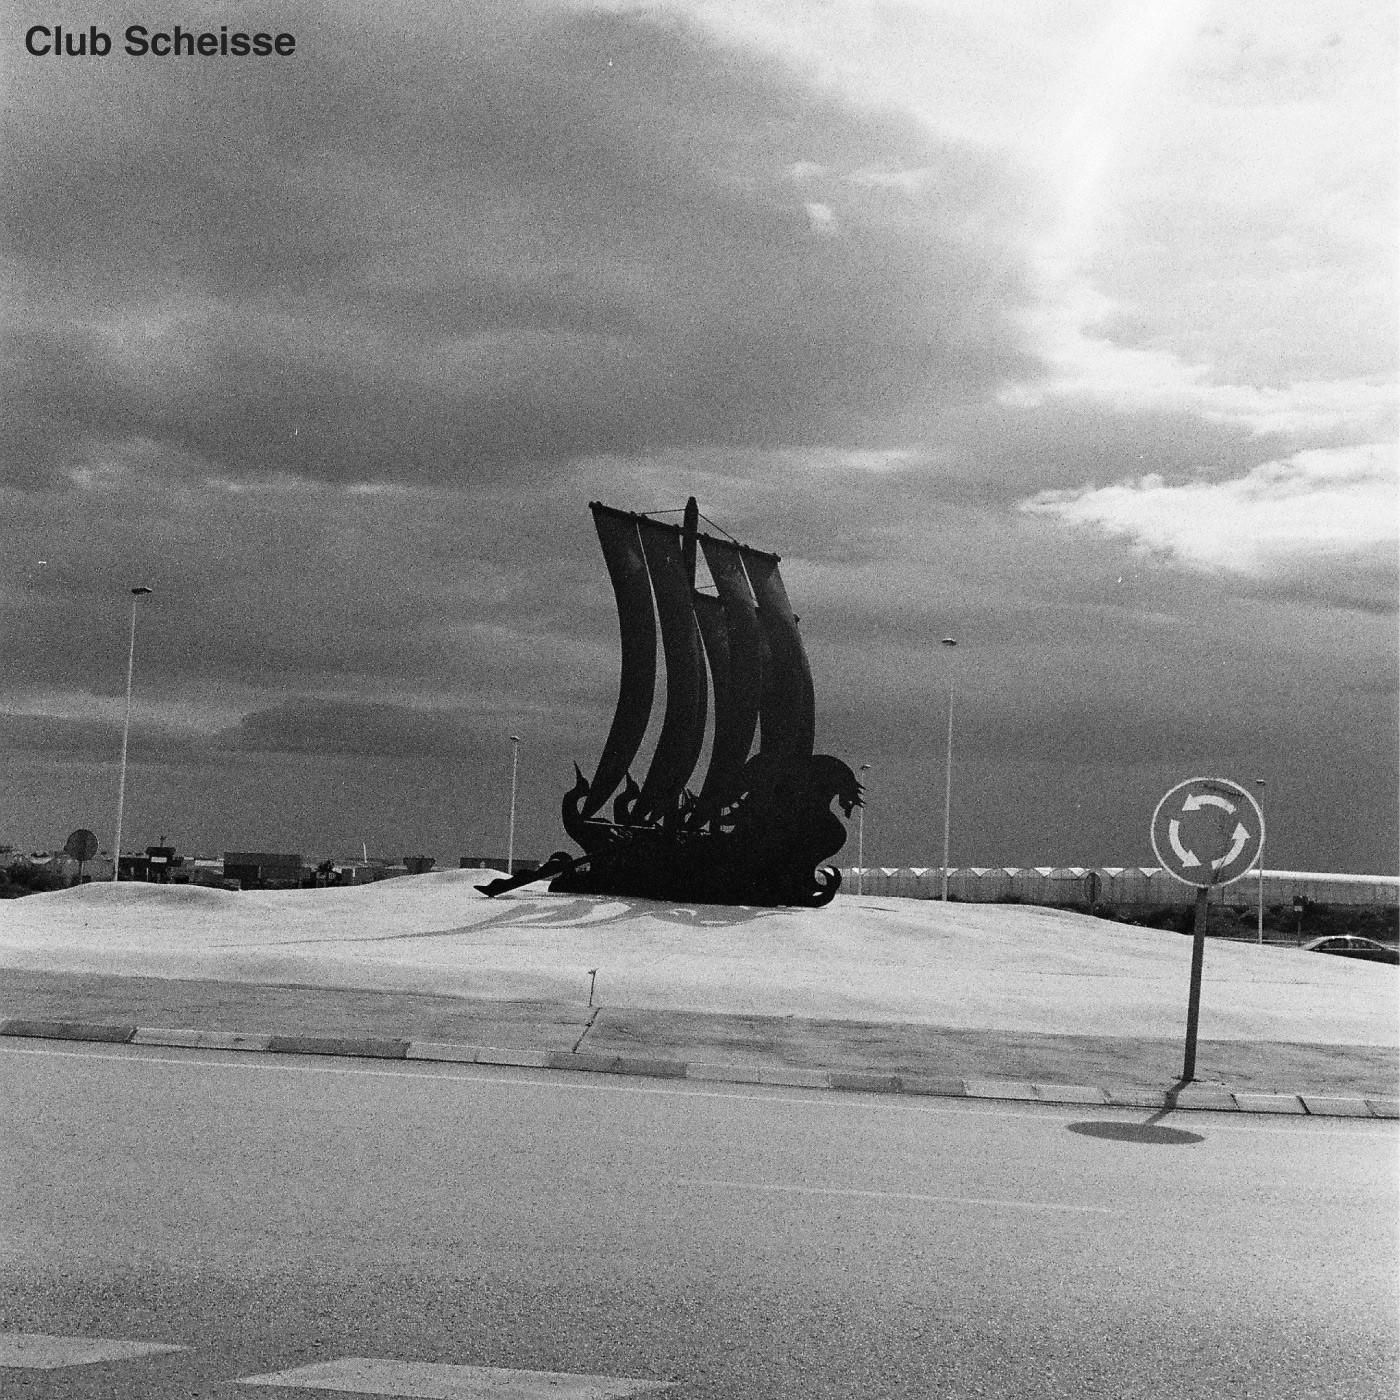 Club Scheisse